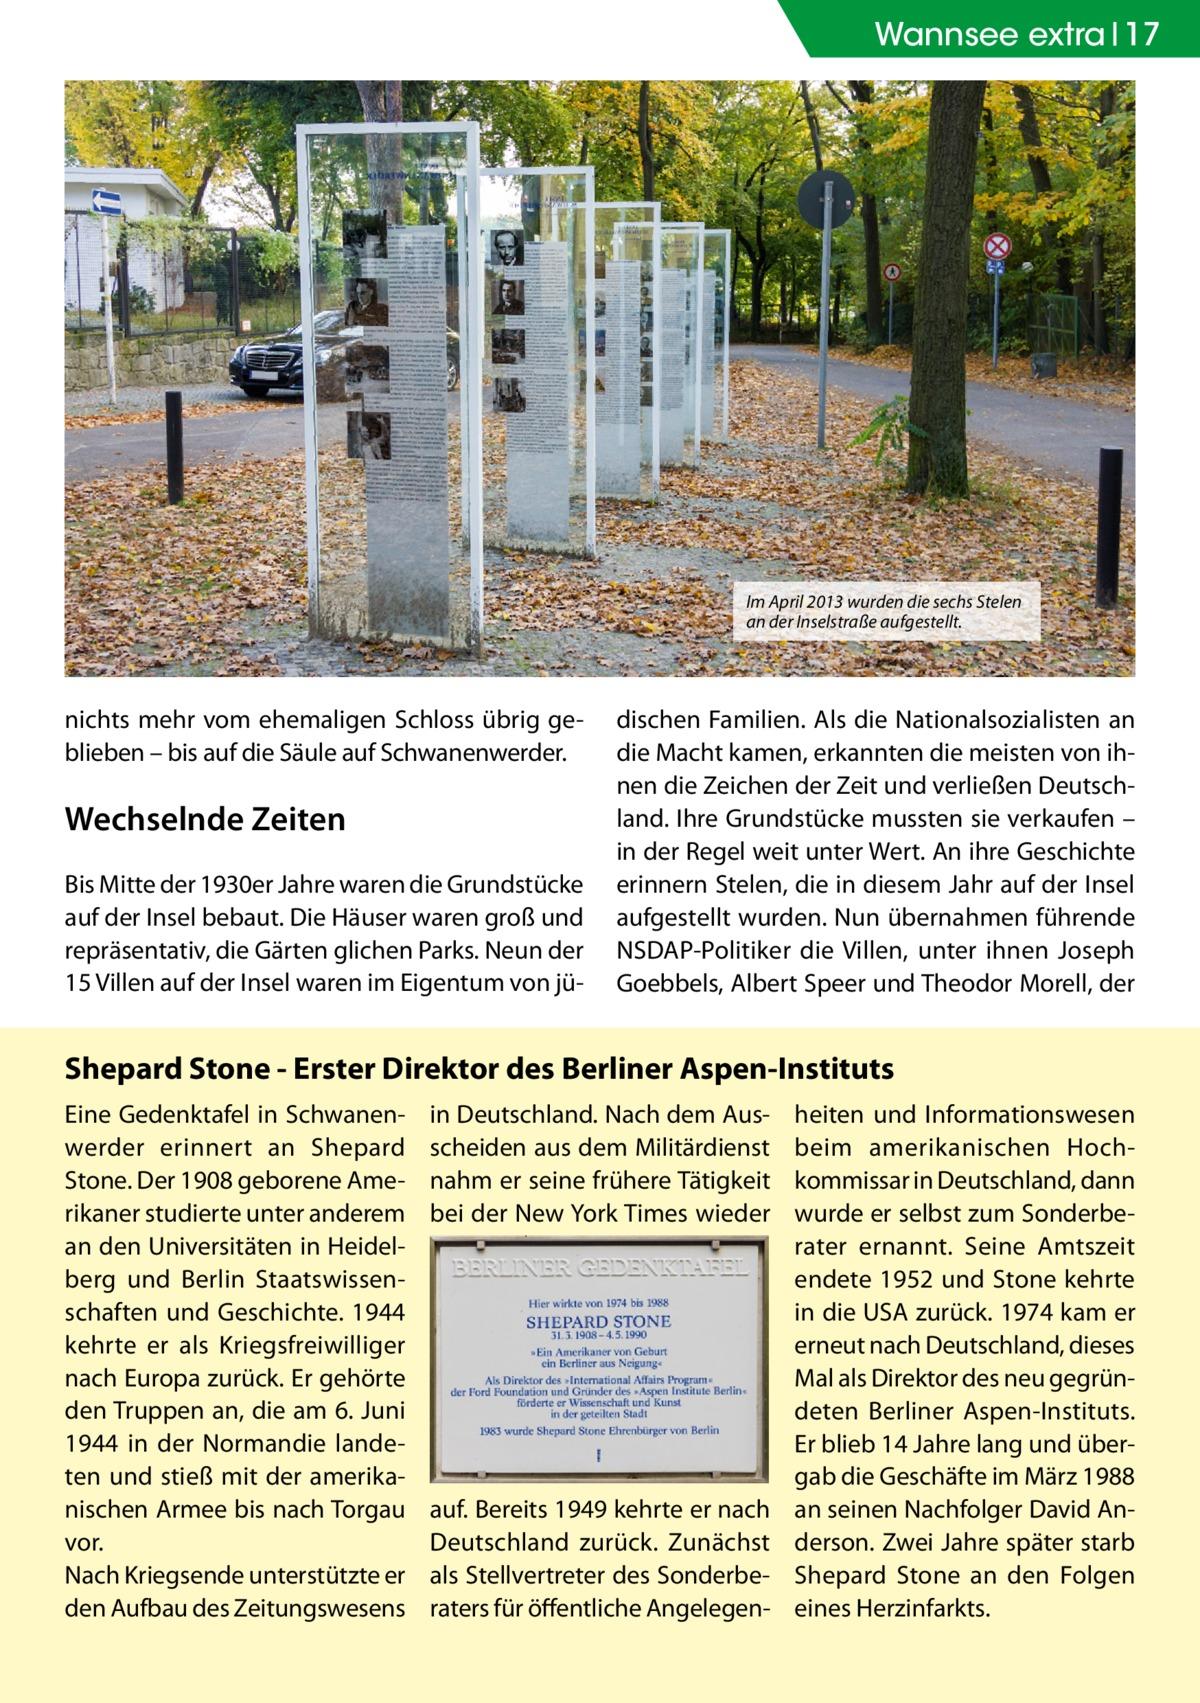 Wannsee extra 17  Im April 2013 wurden die sechs Stelen an der Inselstraße aufgestellt.  nichts mehr vom ehemaligen Schloss übrig geblieben – bis auf die Säule auf Schwanenwerder.  Wechselnde Zeiten Bis Mitte der 1930er Jahre waren die Grundstücke auf der Insel bebaut. Die Häuser waren groß und repräsentativ, die Gärten glichen Parks. Neun der 15 Villen auf der Insel waren im Eigentum von jü dischen Familien. Als die Nationalsozialisten an die Macht kamen, erkannten die meisten von ihnen die Zeichen der Zeit und verließen Deutschland. Ihre Grundstücke mussten sie verkaufen – in der Regel weit unter Wert. An ihre Geschichte erinnern Stelen, die in diesem Jahr auf der Insel aufgestellt wurden. Nun übernahmen führende NSDAP-Politiker die Villen, unter ihnen Joseph Goebbels, Albert Speer und Theodor Morell, der  Shepard Stone - Erster Direktor des Berliner Aspen-Instituts Eine Gedenktafel in Schwanenwerder erinnert an Shepard Stone. Der 1908 geborene Amerikaner studierte unter anderem an den Universitäten in Heidelberg und Berlin Staatswissenschaften und Geschichte. 1944 kehrte er als Kriegsfreiwilliger nach Europa zurück. Er gehörte den Truppen an, die am 6. Juni 1944 in der Normandie landeten und stieß mit der amerikanischen Armee bis nach Torgau vor. Nach Kriegsende unterstützte er den Aufbau des Zeitungswesens  in Deutschland. Nach dem Ausscheiden aus dem Militärdienst nahm er seine frühere Tätigkeit bei der New York Times wieder  auf. Bereits 1949 kehrte er nach Deutschland zurück. Zunächst als Stellvertreter des Sonderberaters für öffentliche Angelegen heiten und Informationswesen beim amerikanischen Hochkommissar in Deutschland, dann wurde er selbst zum Sonderberater ernannt. Seine Amtszeit endete 1952 und Stone kehrte in die USA zurück. 1974 kam er erneut nach Deutschland, dieses Mal als Direktor des neu gegründeten Berliner Aspen-Instituts. Er blieb 14 Jahre lang und übergab die Geschäfte im März 1988 an seinen Nachfolger David Anderson. Zwei Jahre später starb